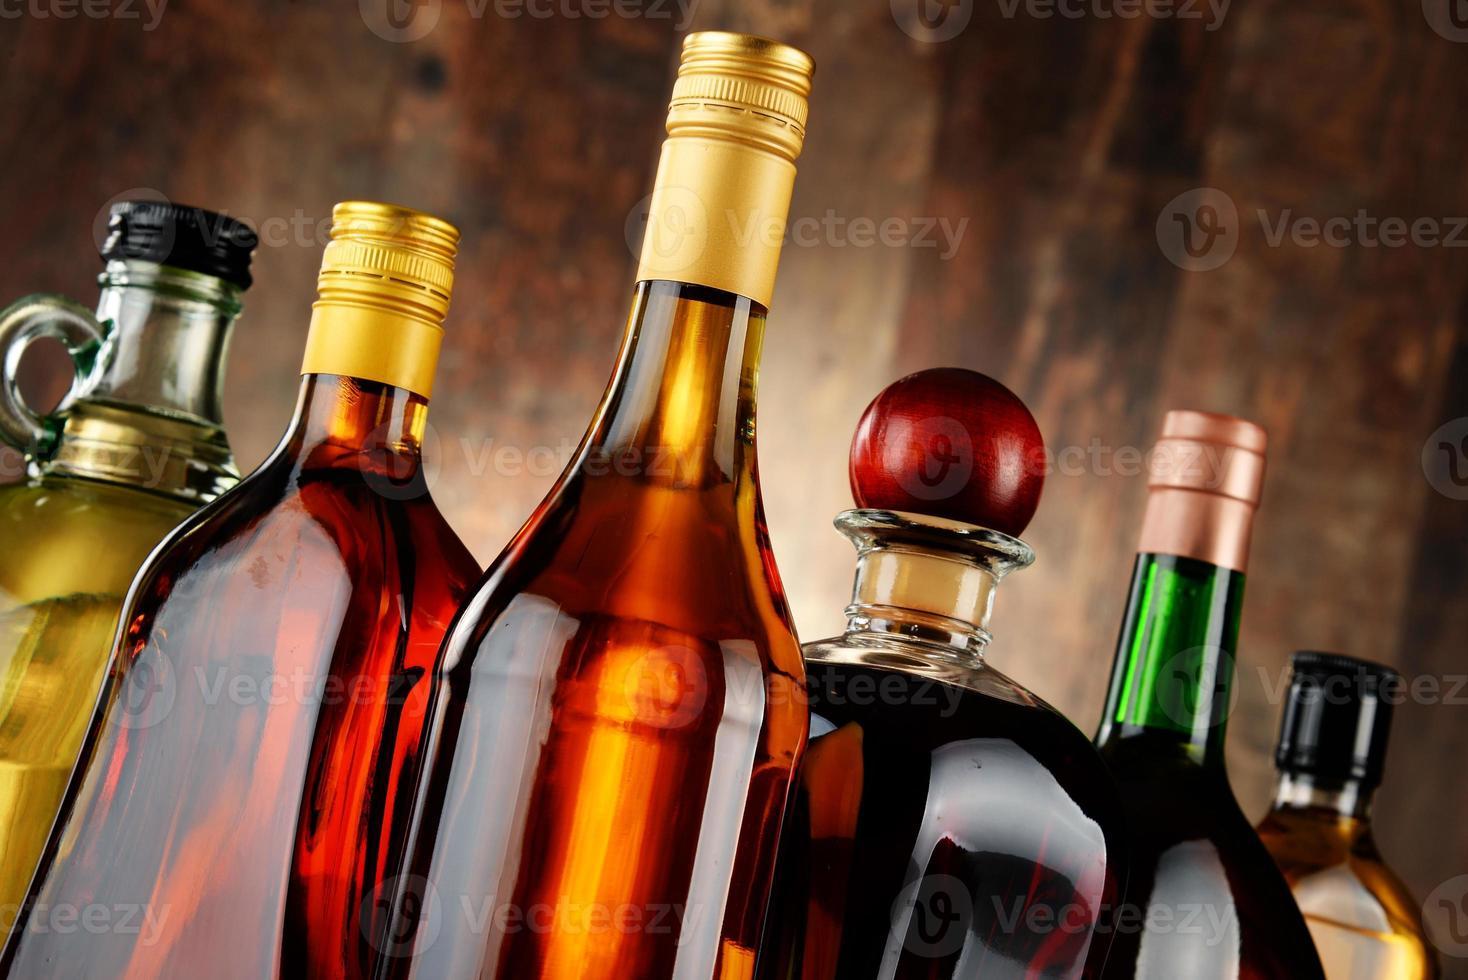 botellas de bebidas alcohólicas variadas foto